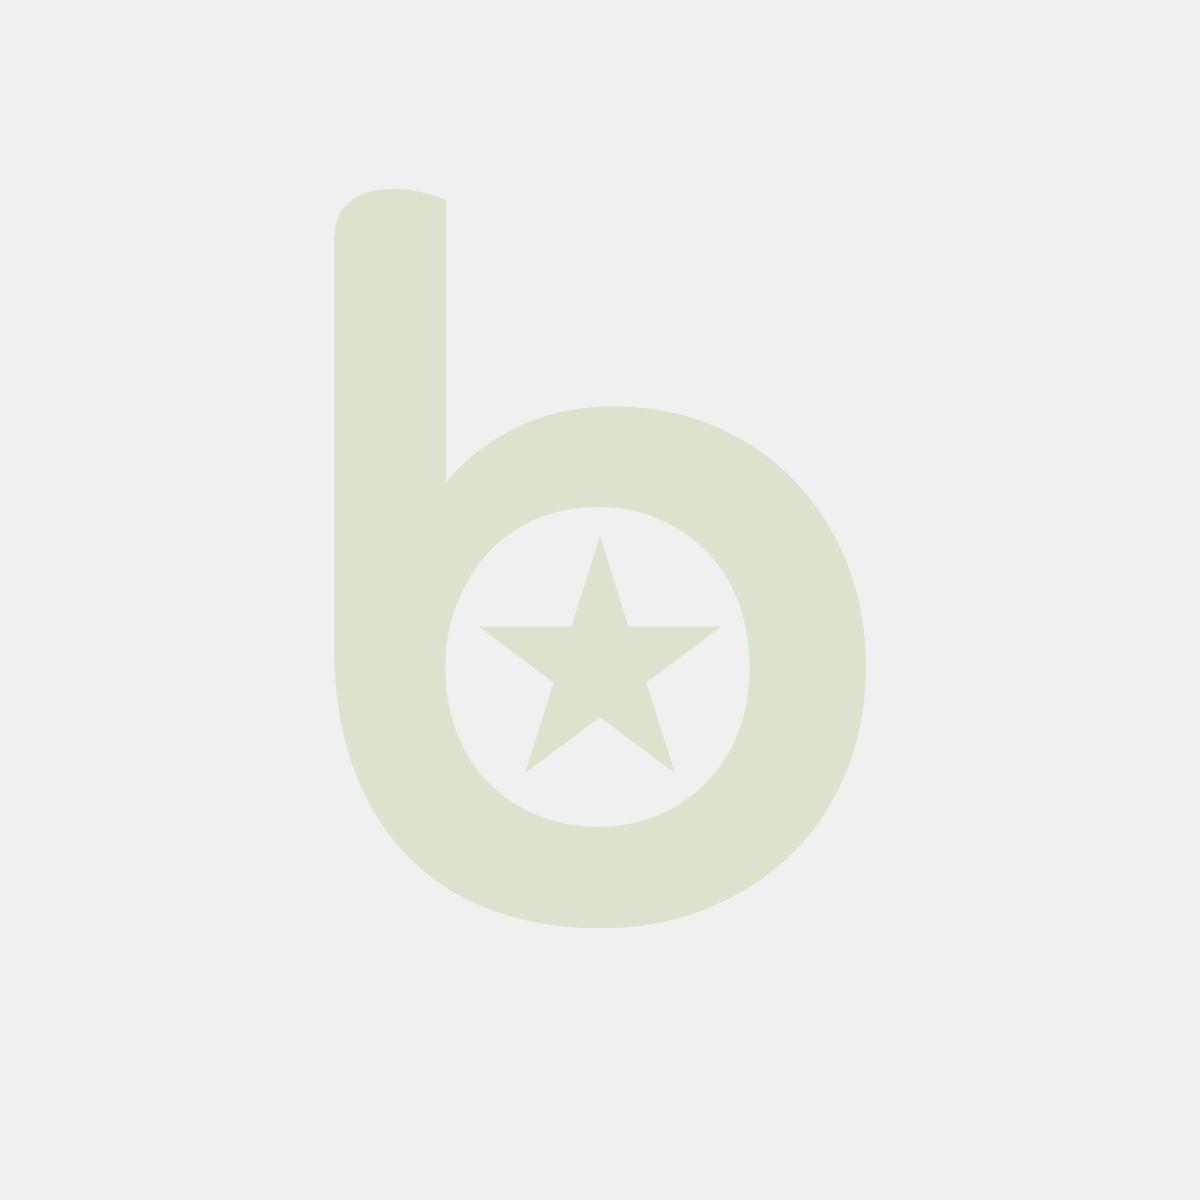 Pojemnik DIP bezbarwny / 30ml, opakowanie 100szt